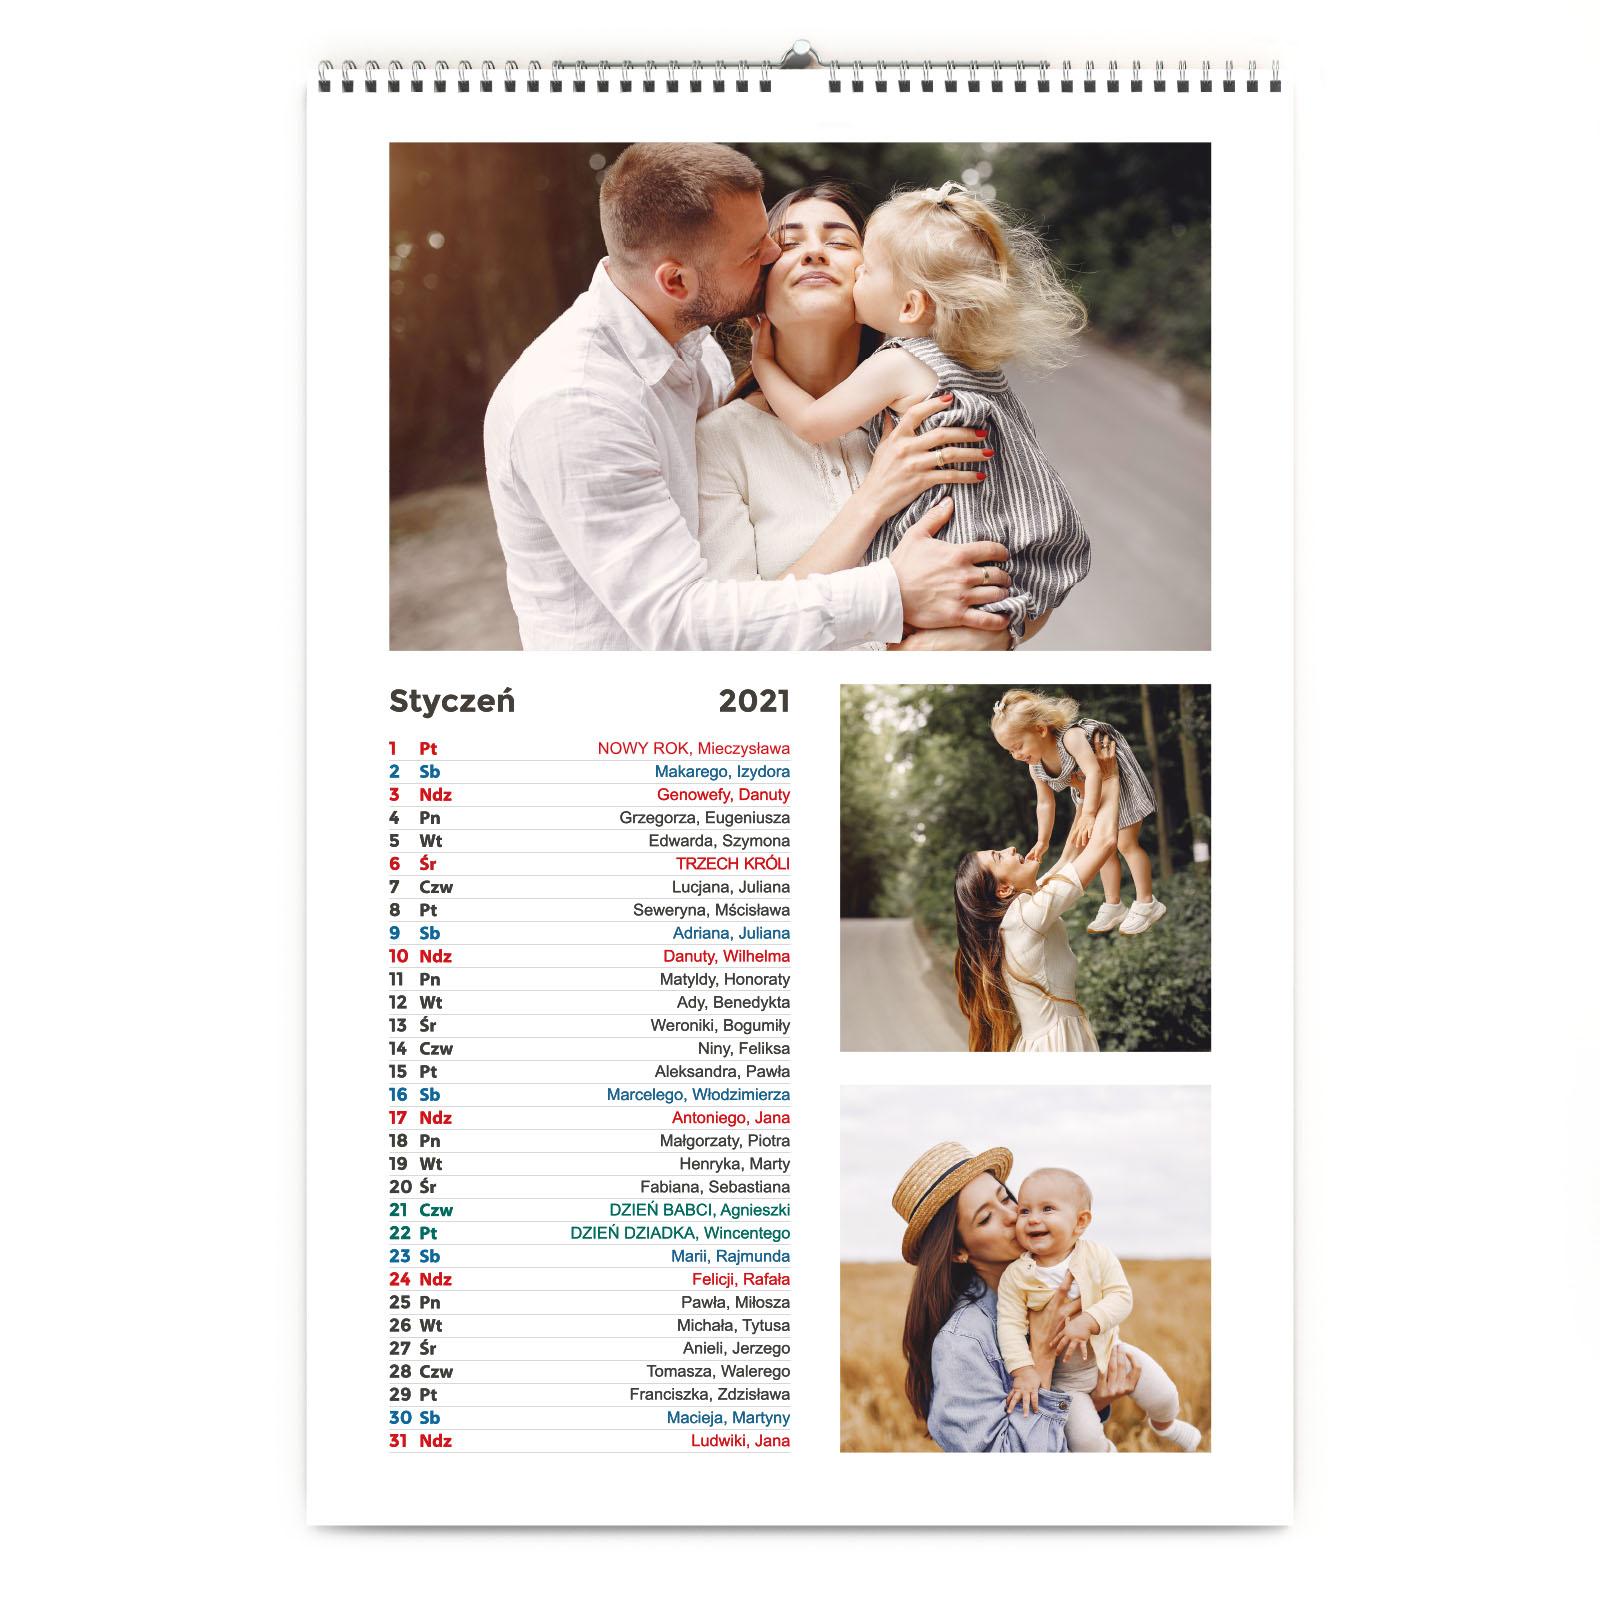 kalendarz_kolaz_styczen.jpg